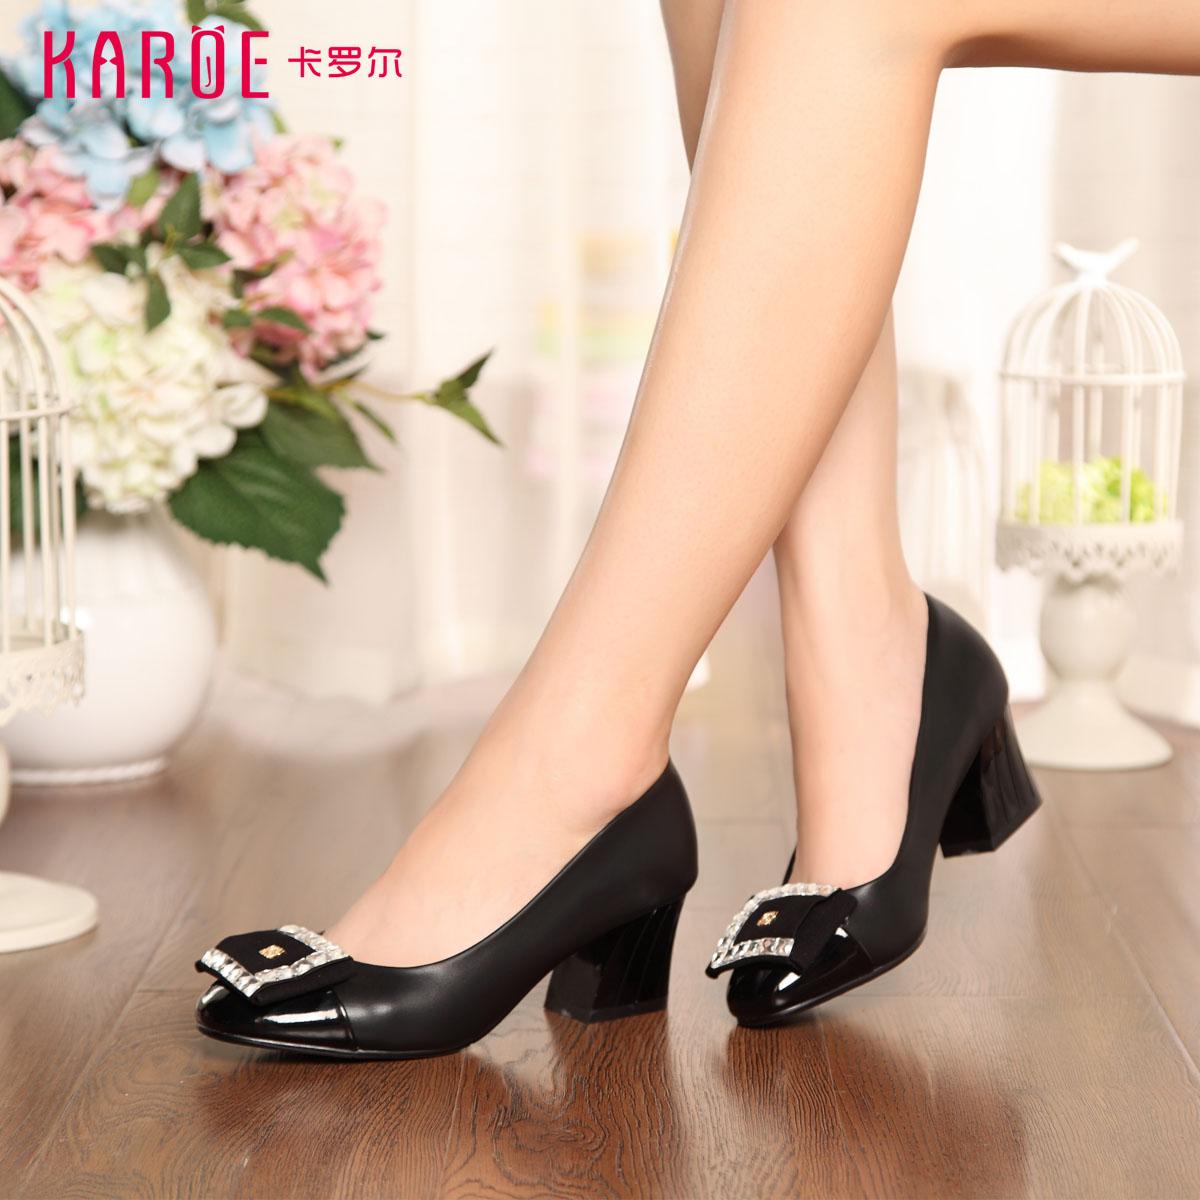 卡罗尔/karoe正品夏季单鞋粗跟浅口圆头舒适PU女鞋 百搭鞋t6633